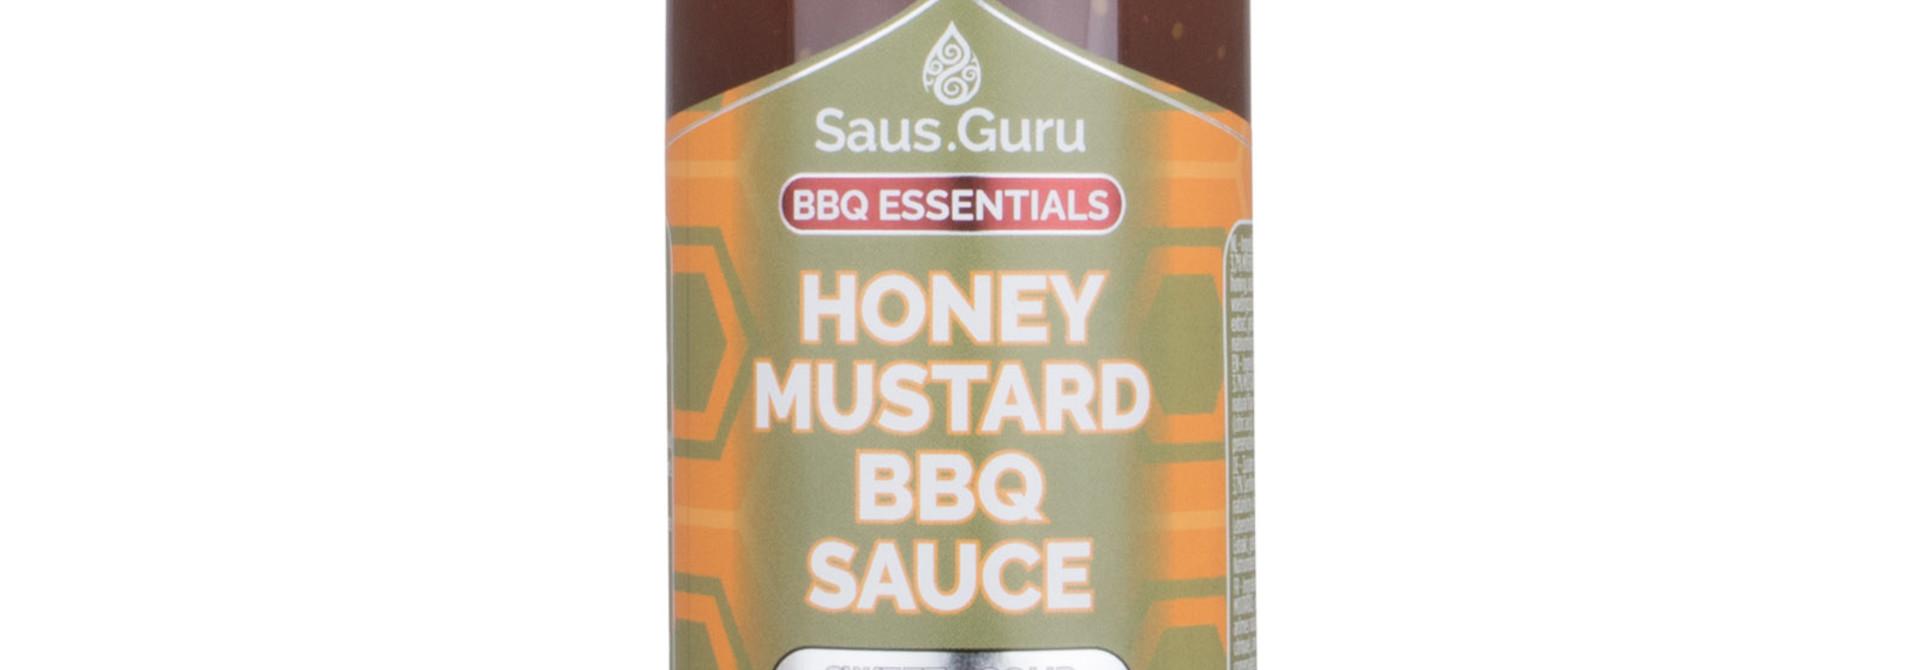 Saus.Guru's Honey Mustard BBQ Sauce